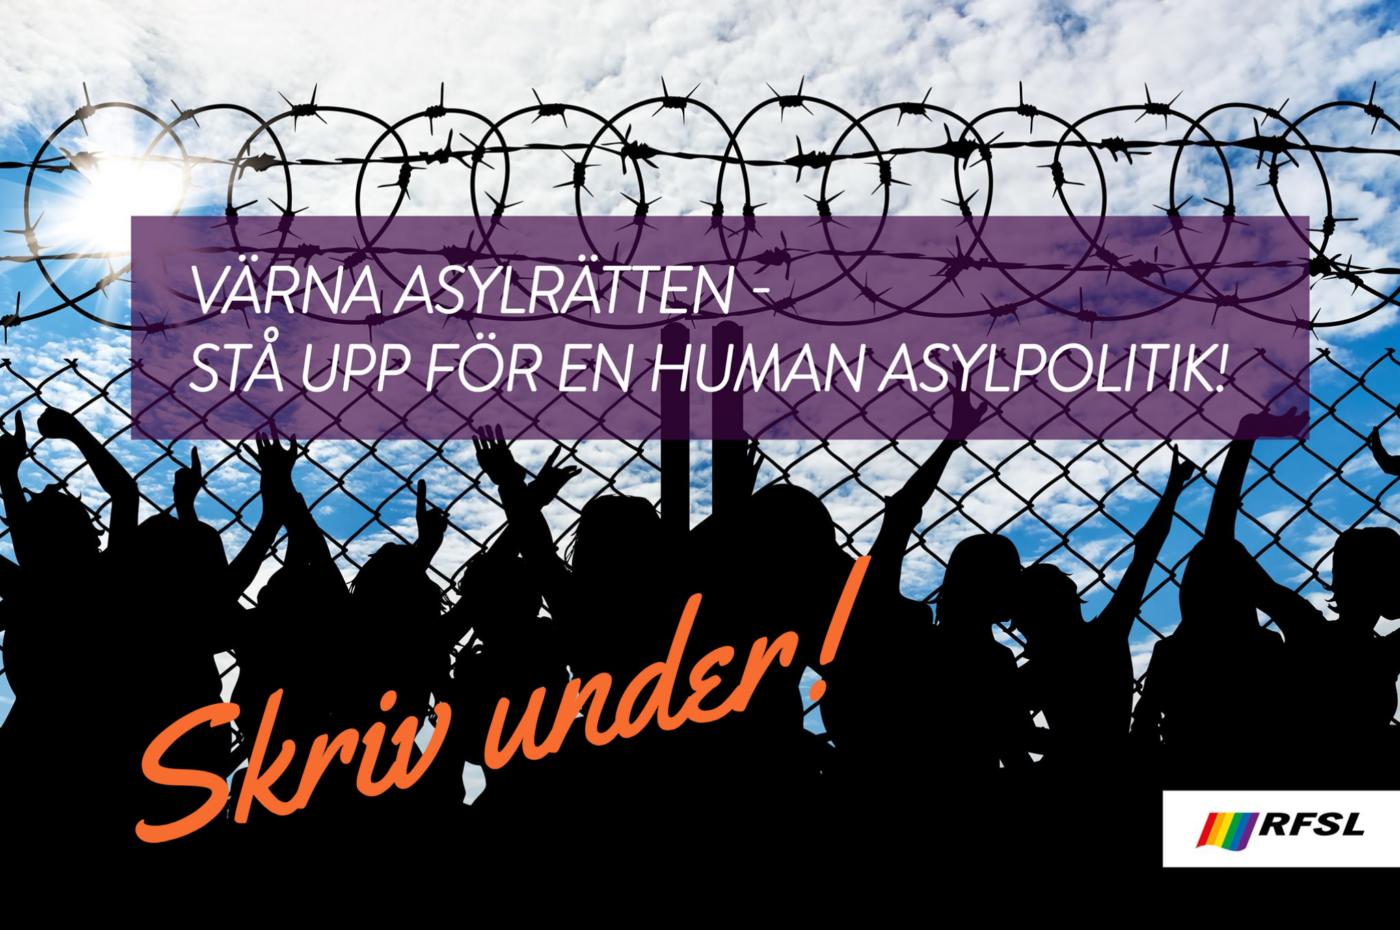 Värna asylrätten!